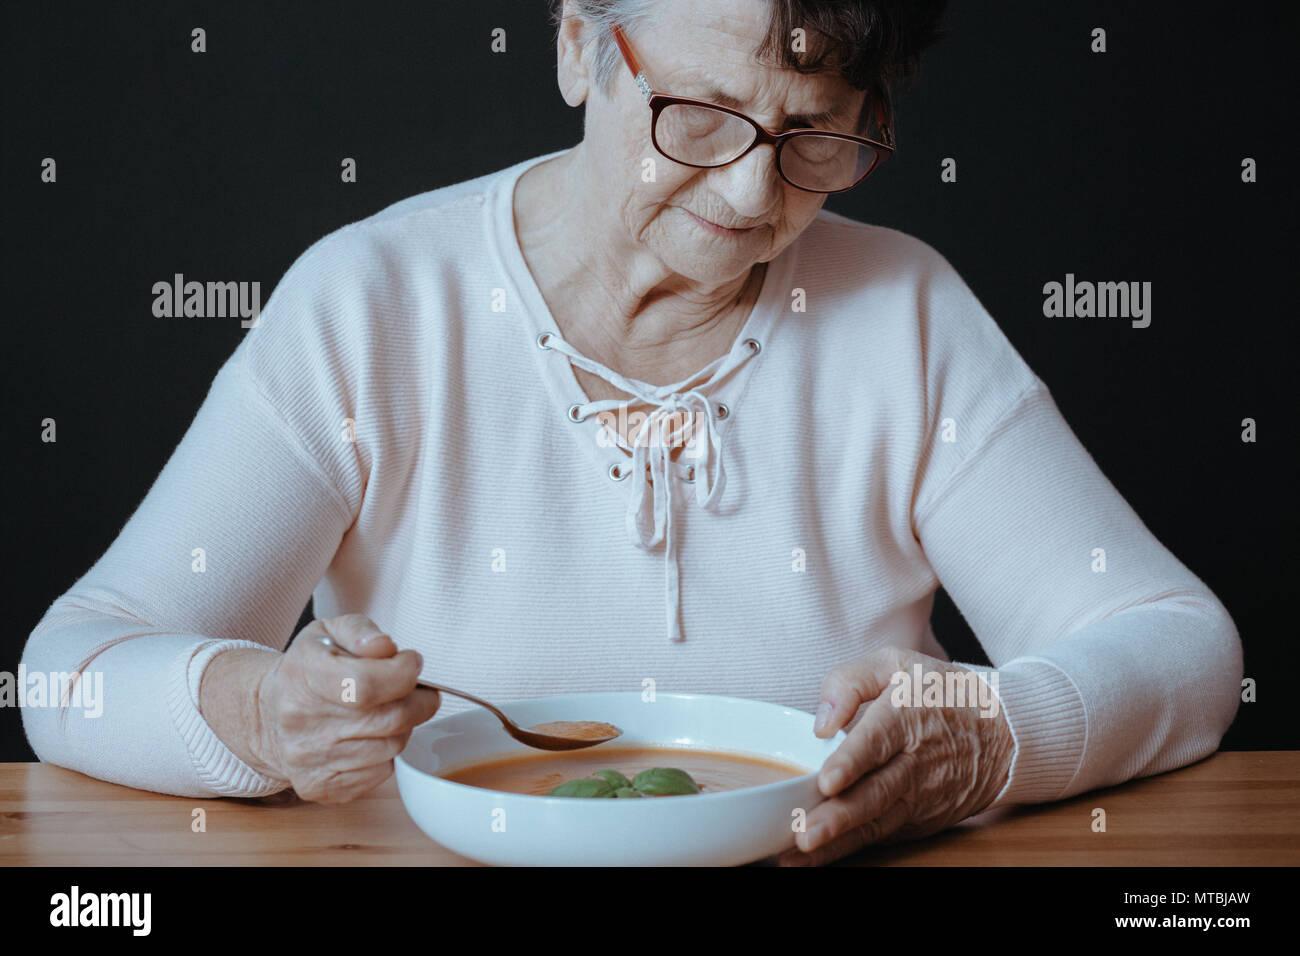 Senior donna soffre l'inappetenza, seduto accanto a tabella Immagini Stock